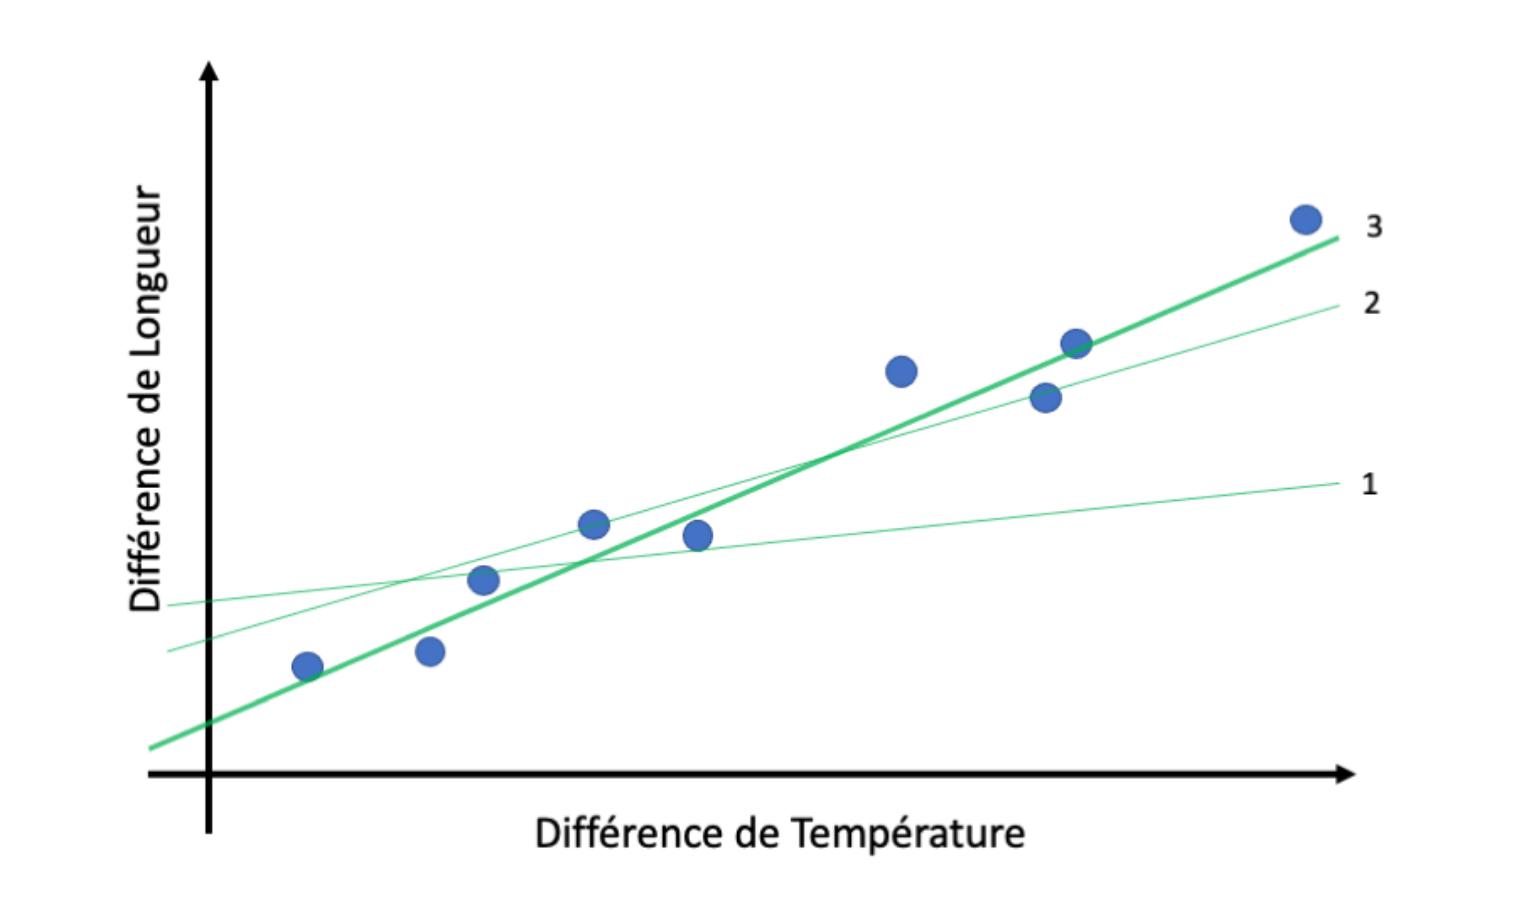 Différence de longueur d'une barre métallique chauffée en fonction de la différence de température qui lui est appliquée.